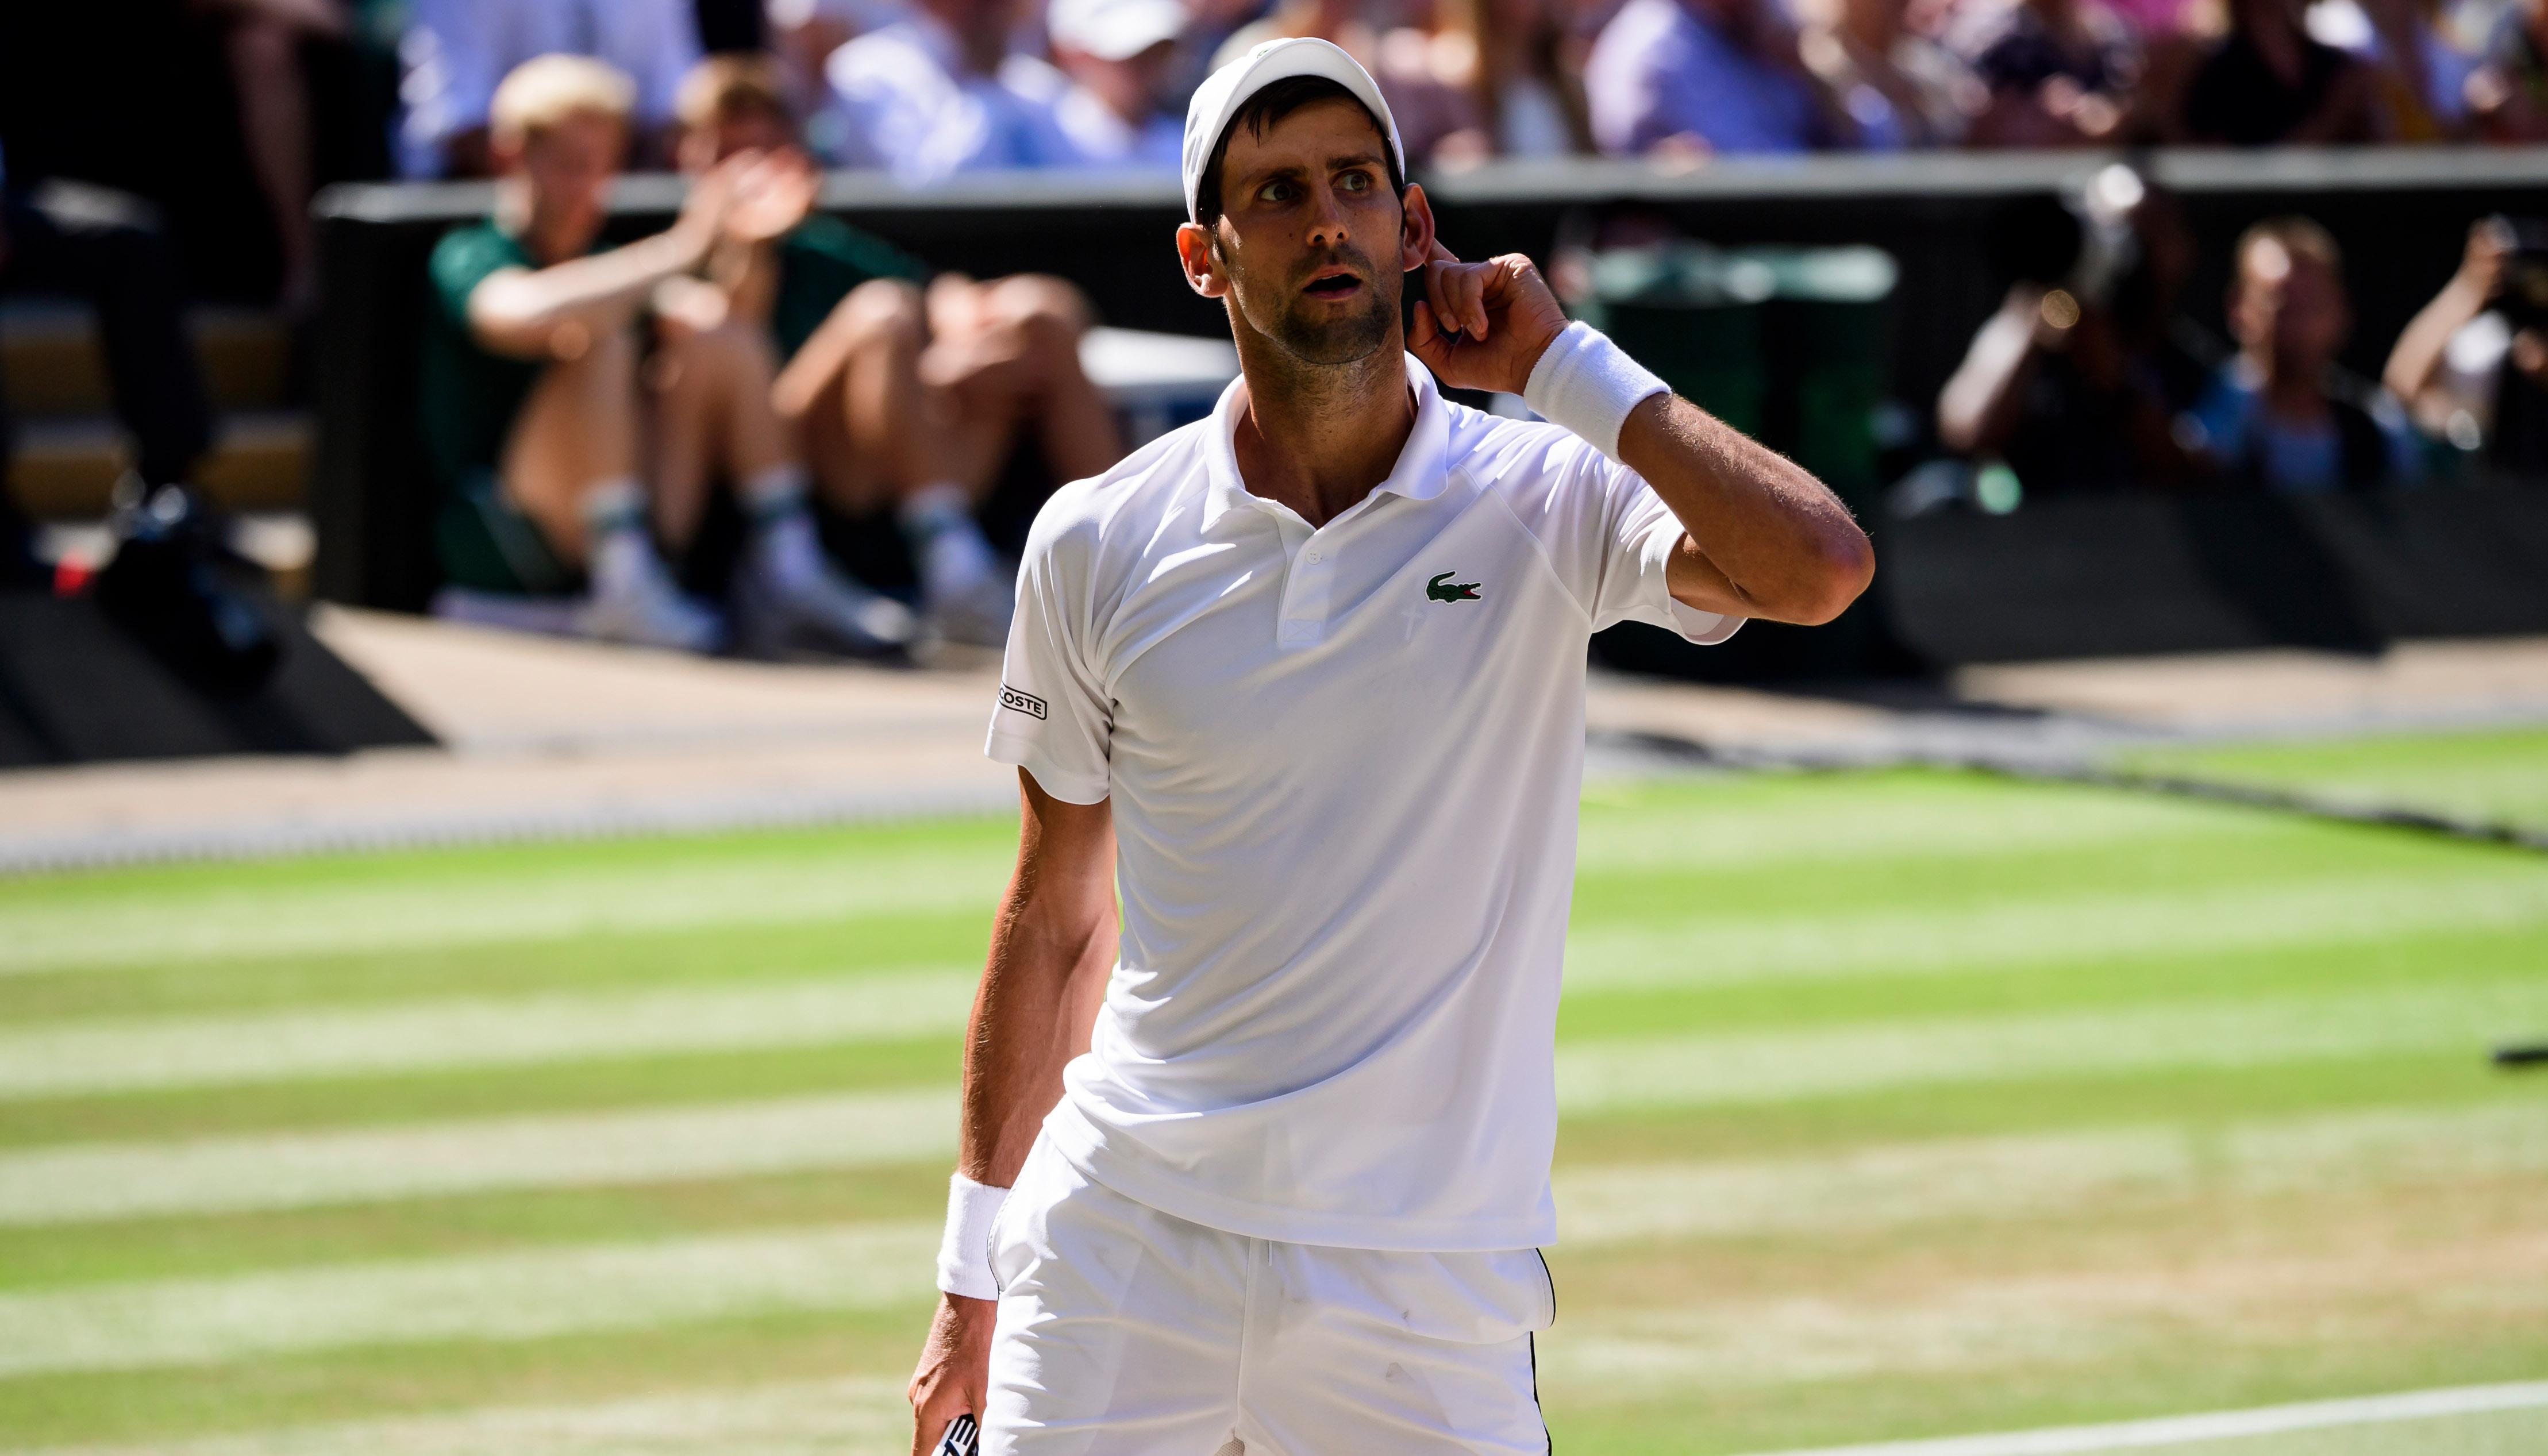 Die Favoriten und Herausforderer auf den Titel in Wimbledon